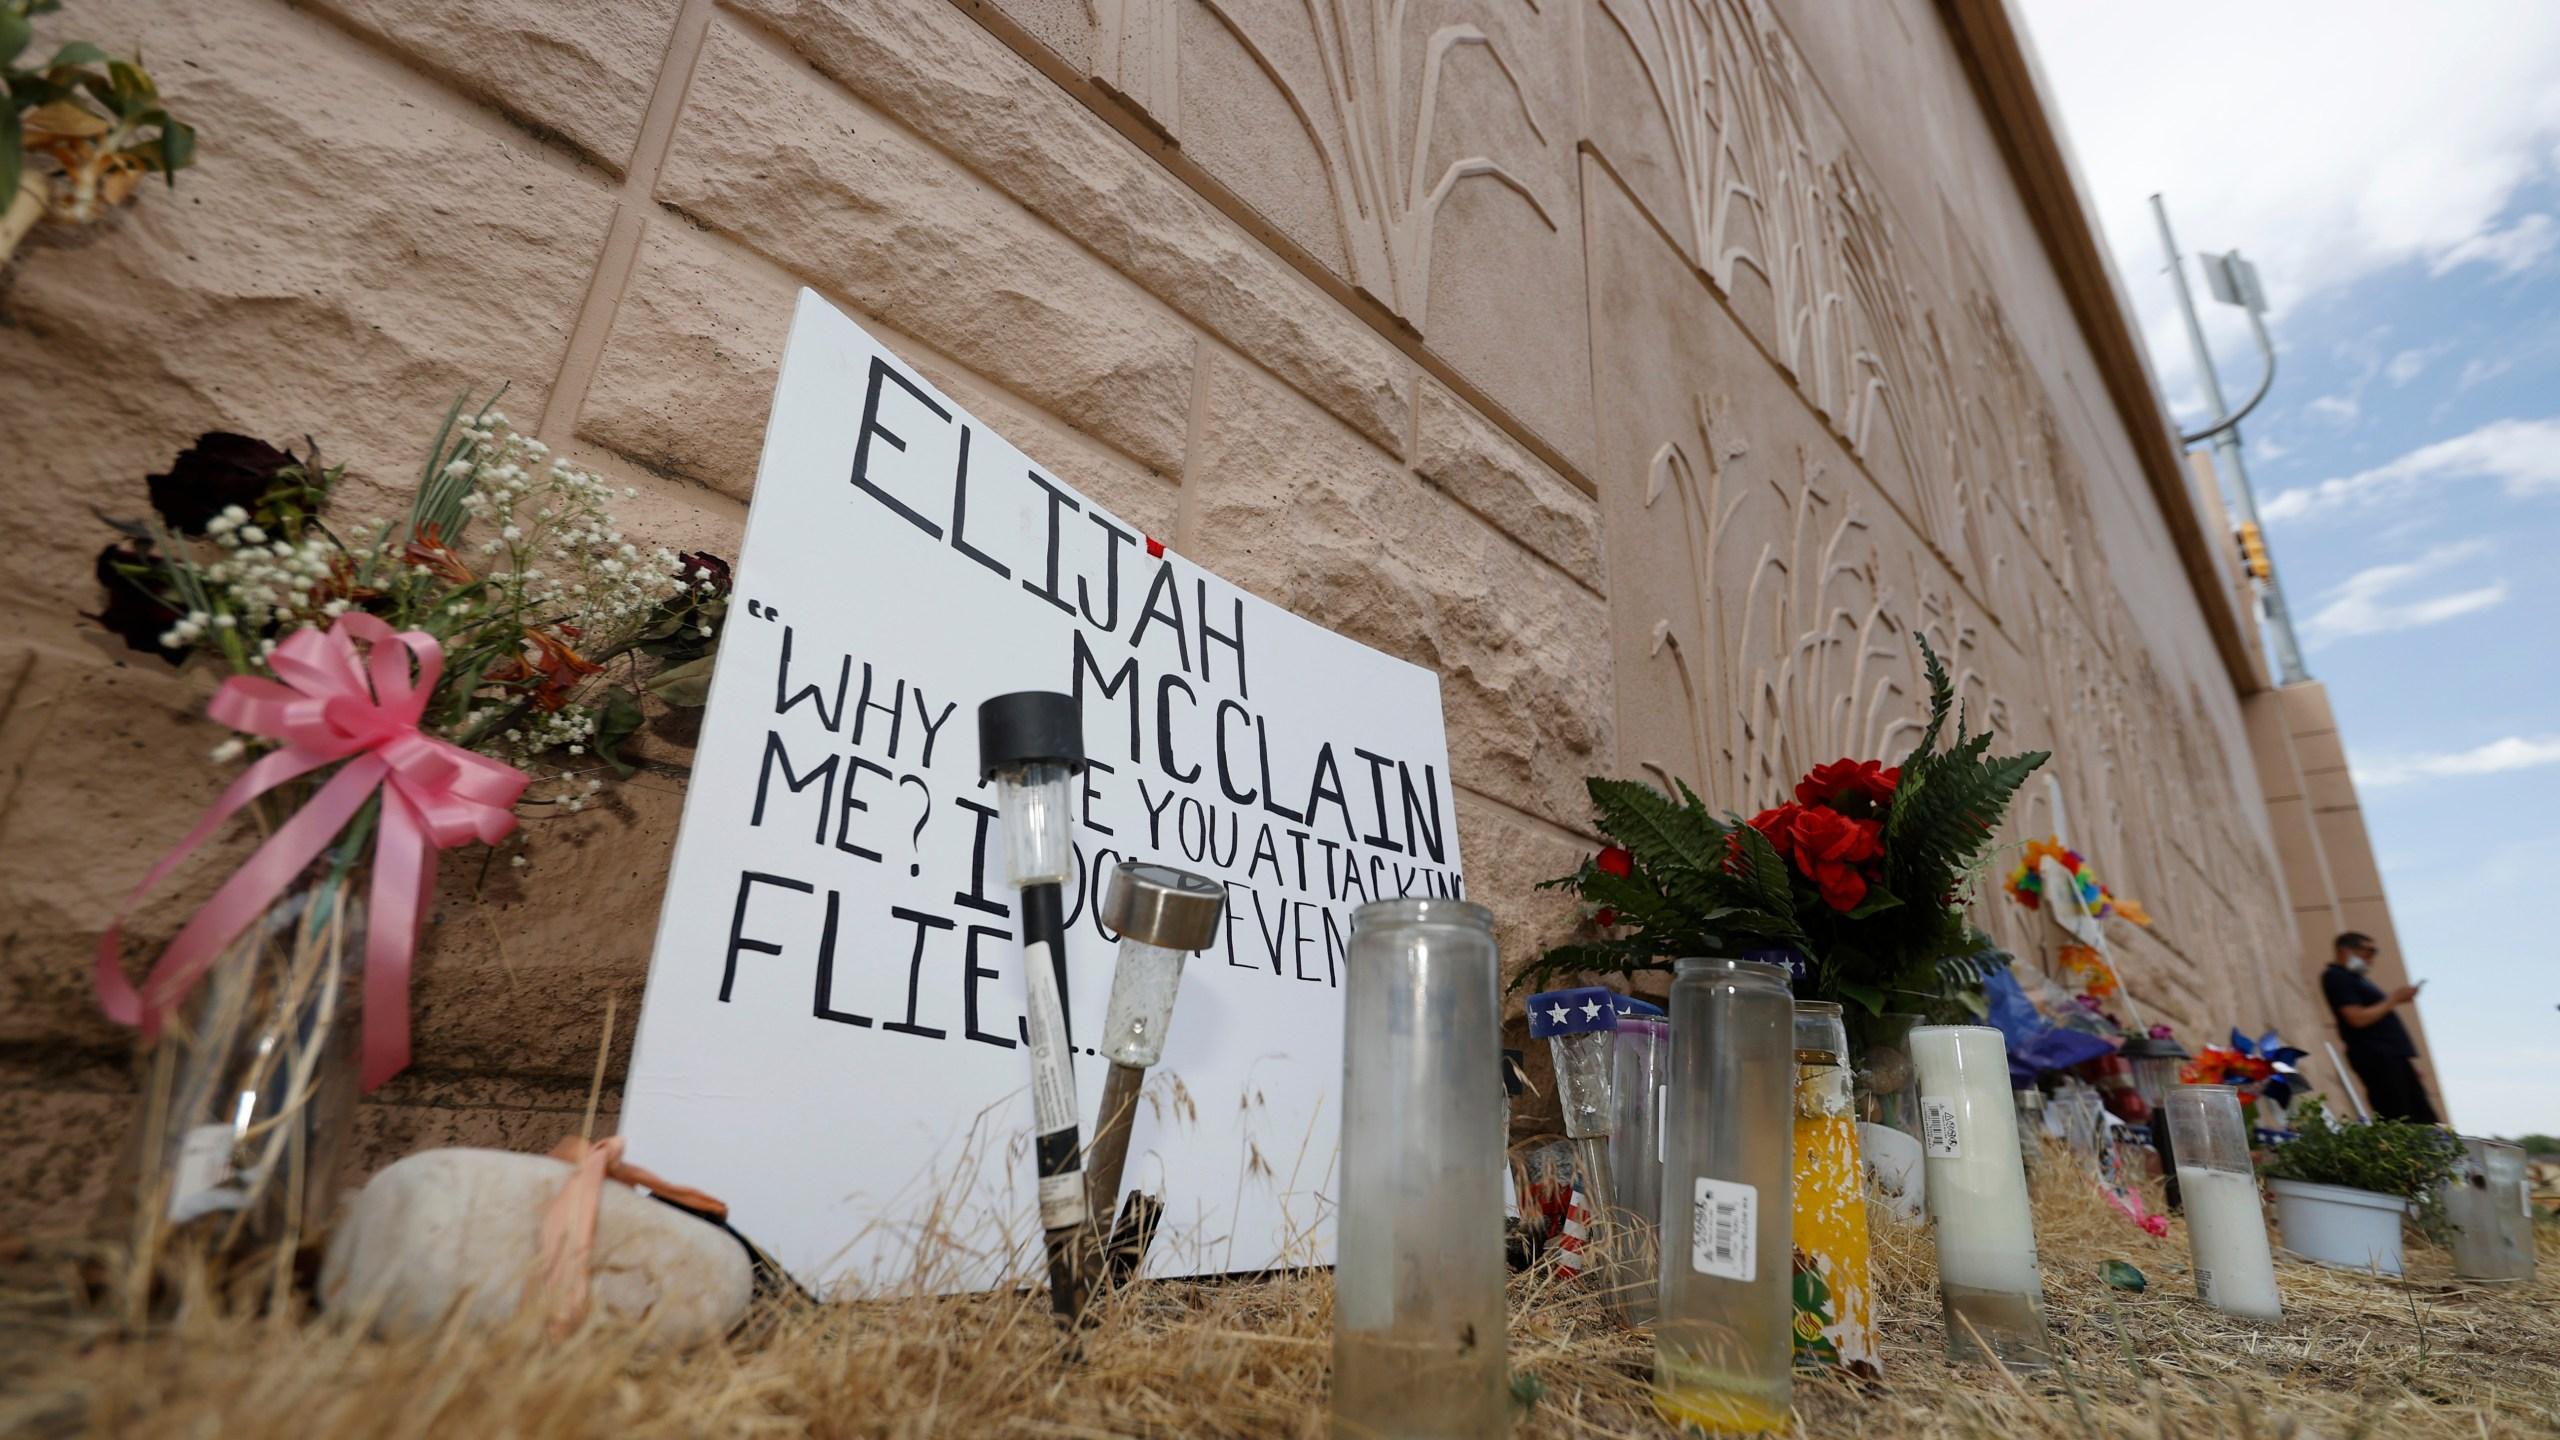 elijah Mcclain memorial, r m